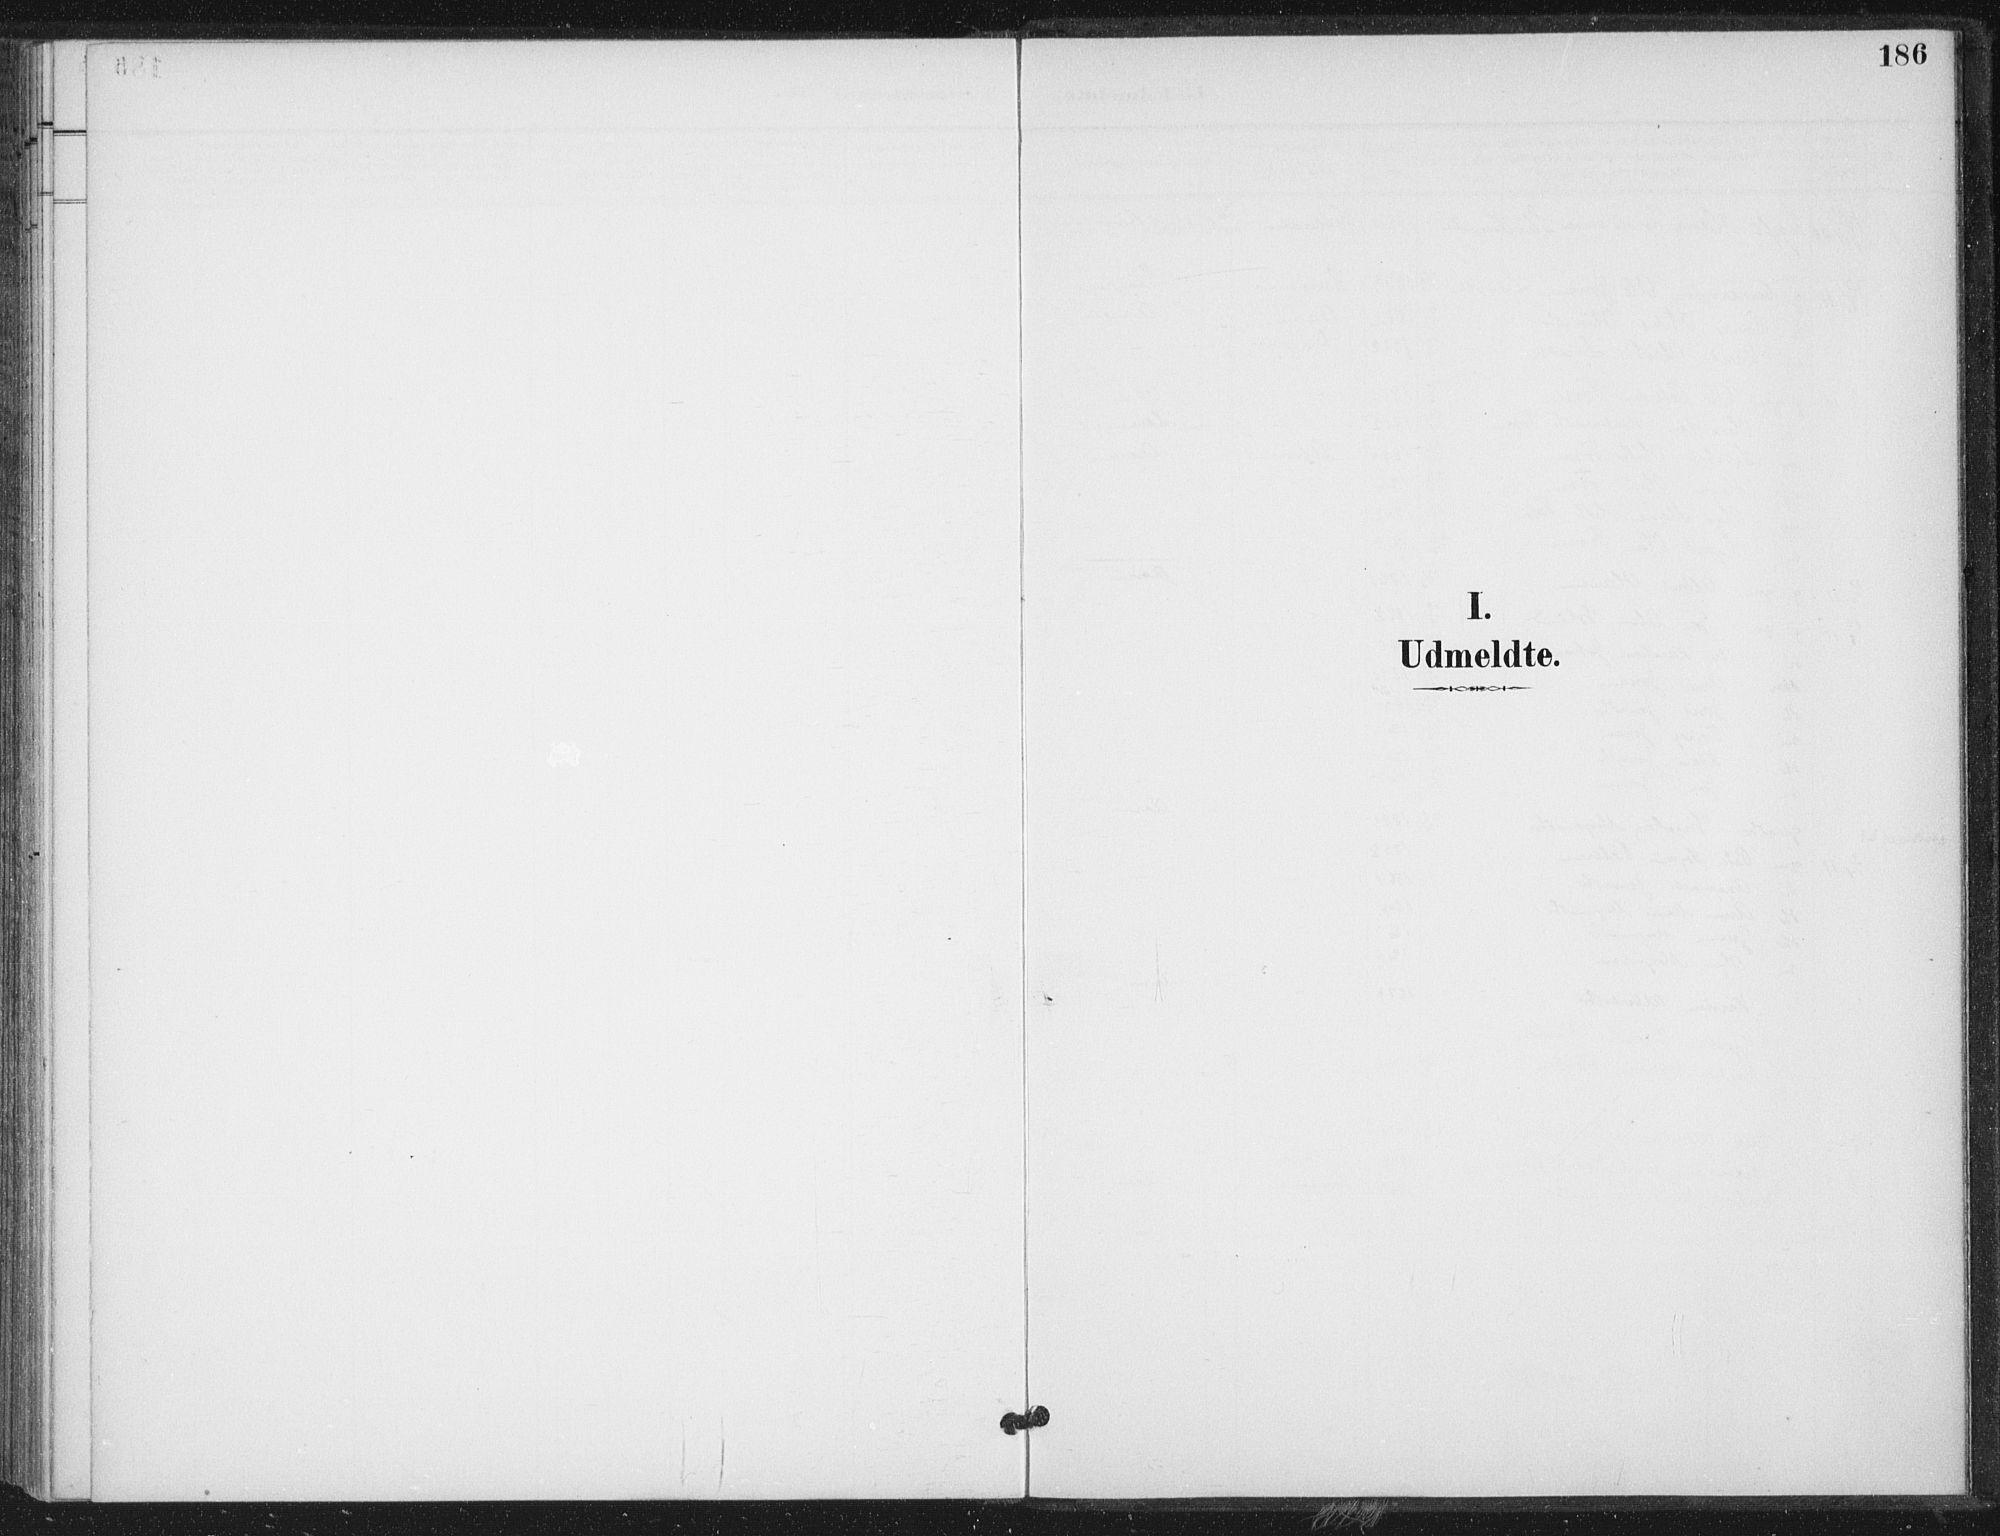 SAT, Ministerialprotokoller, klokkerbøker og fødselsregistre - Nord-Trøndelag, 714/L0131: Ministerialbok nr. 714A02, 1896-1918, s. 186